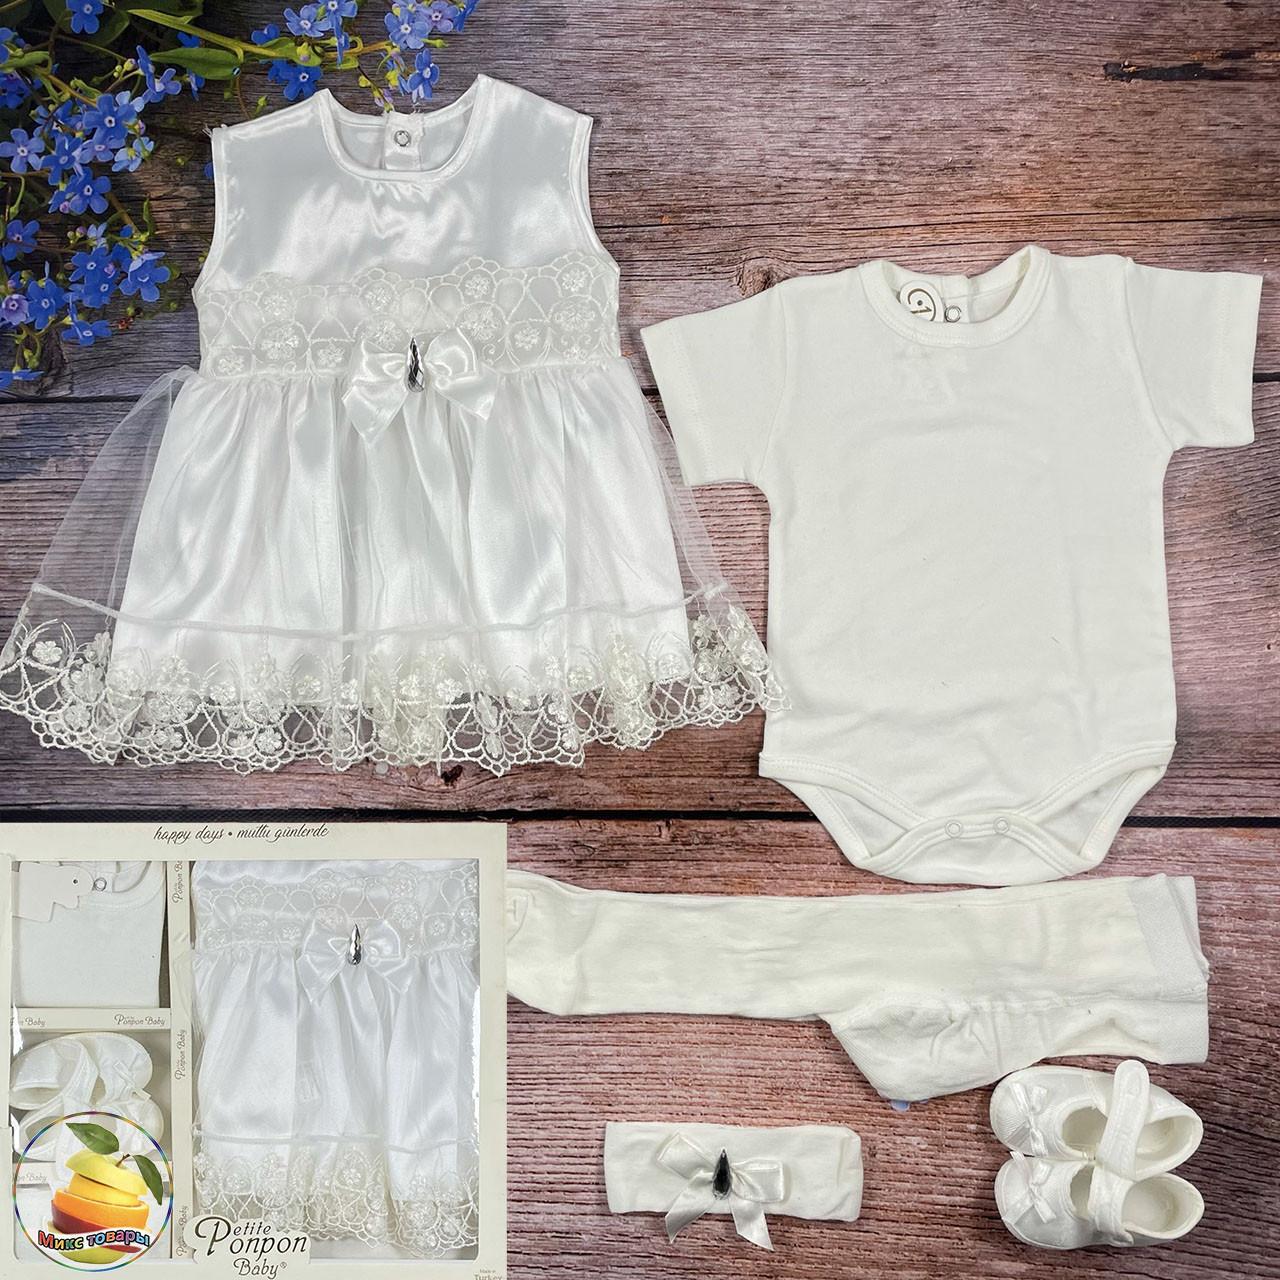 Крестильный набор для малышки Размер: 0-3 месяца (01961)